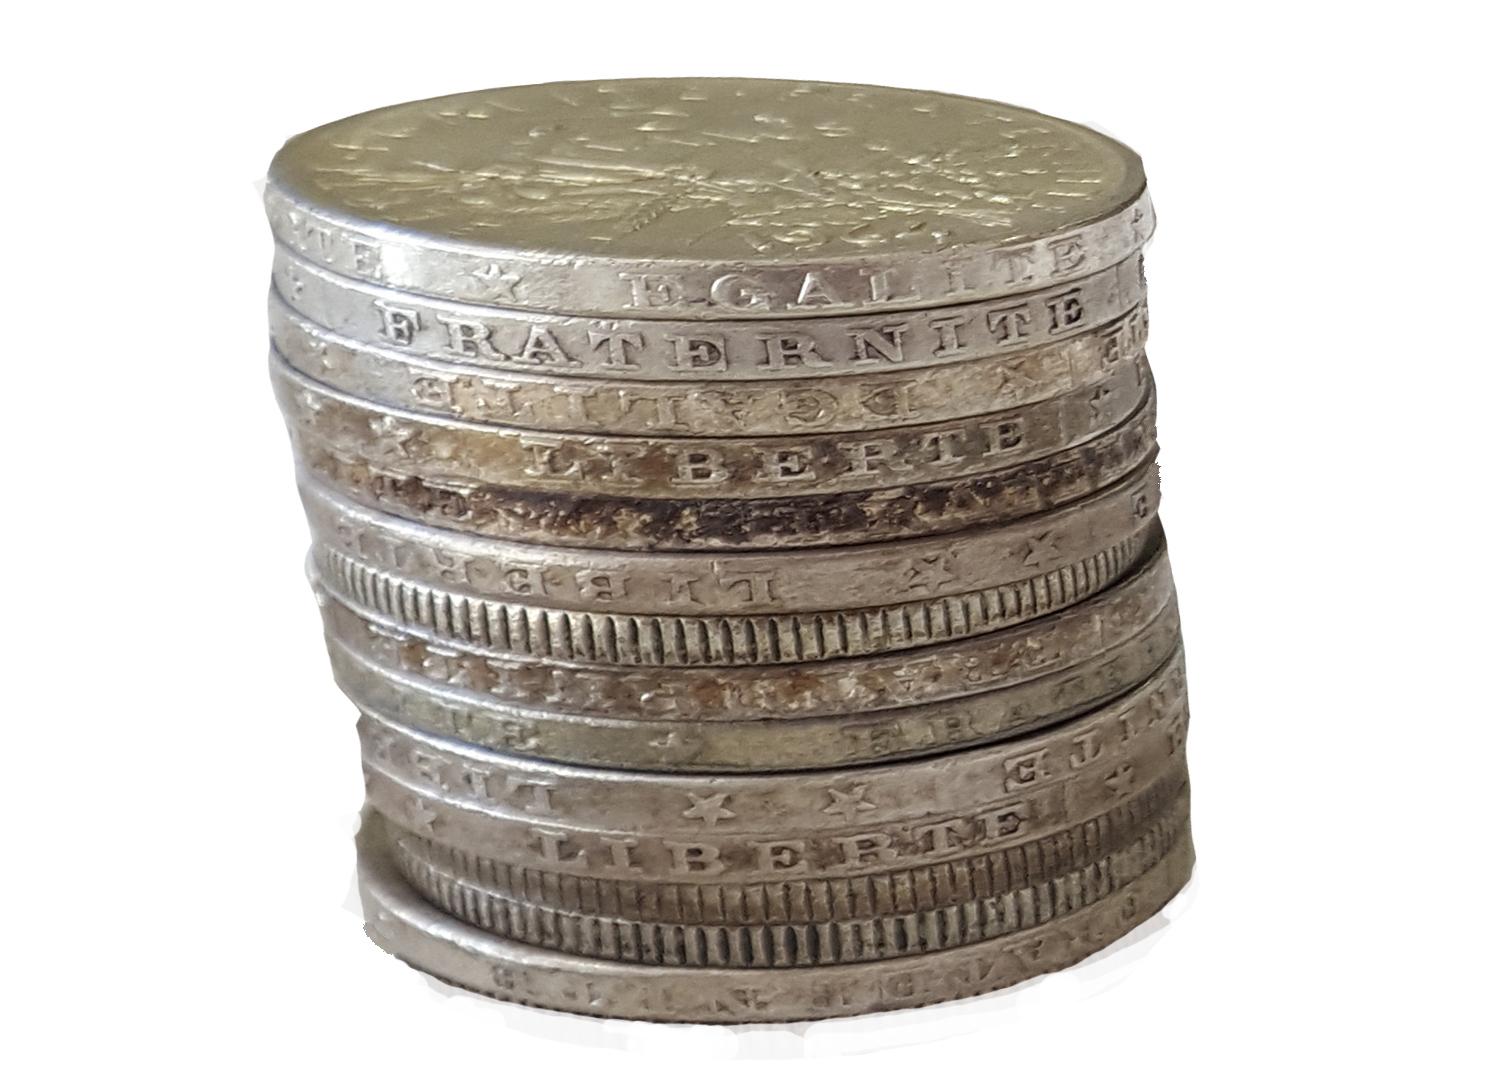 Achat pièces en argent Sâone et Loire Rhône